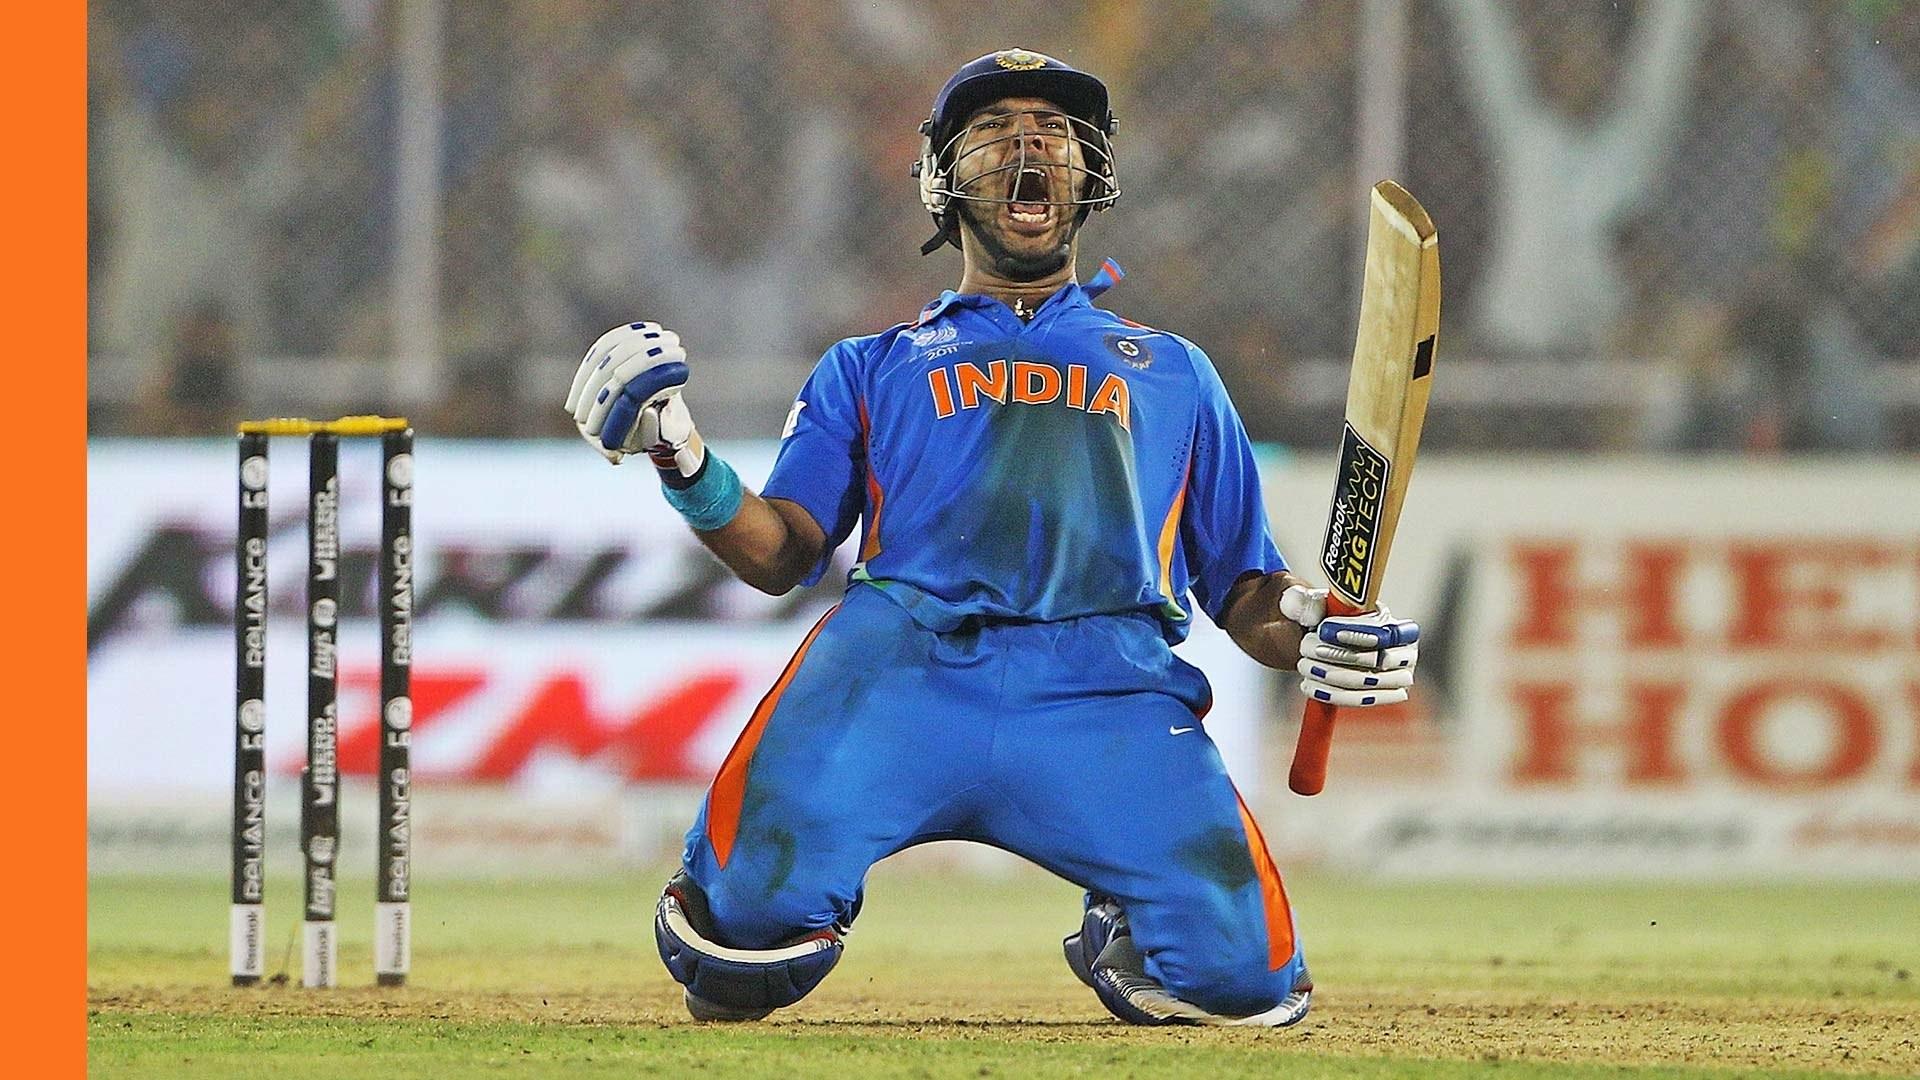 2019 का वर्ल्डकप चल रहा है, इधर 2011 वर्ल्डकप के हीरो ने क्रिकेट को अलविदा कह दिया